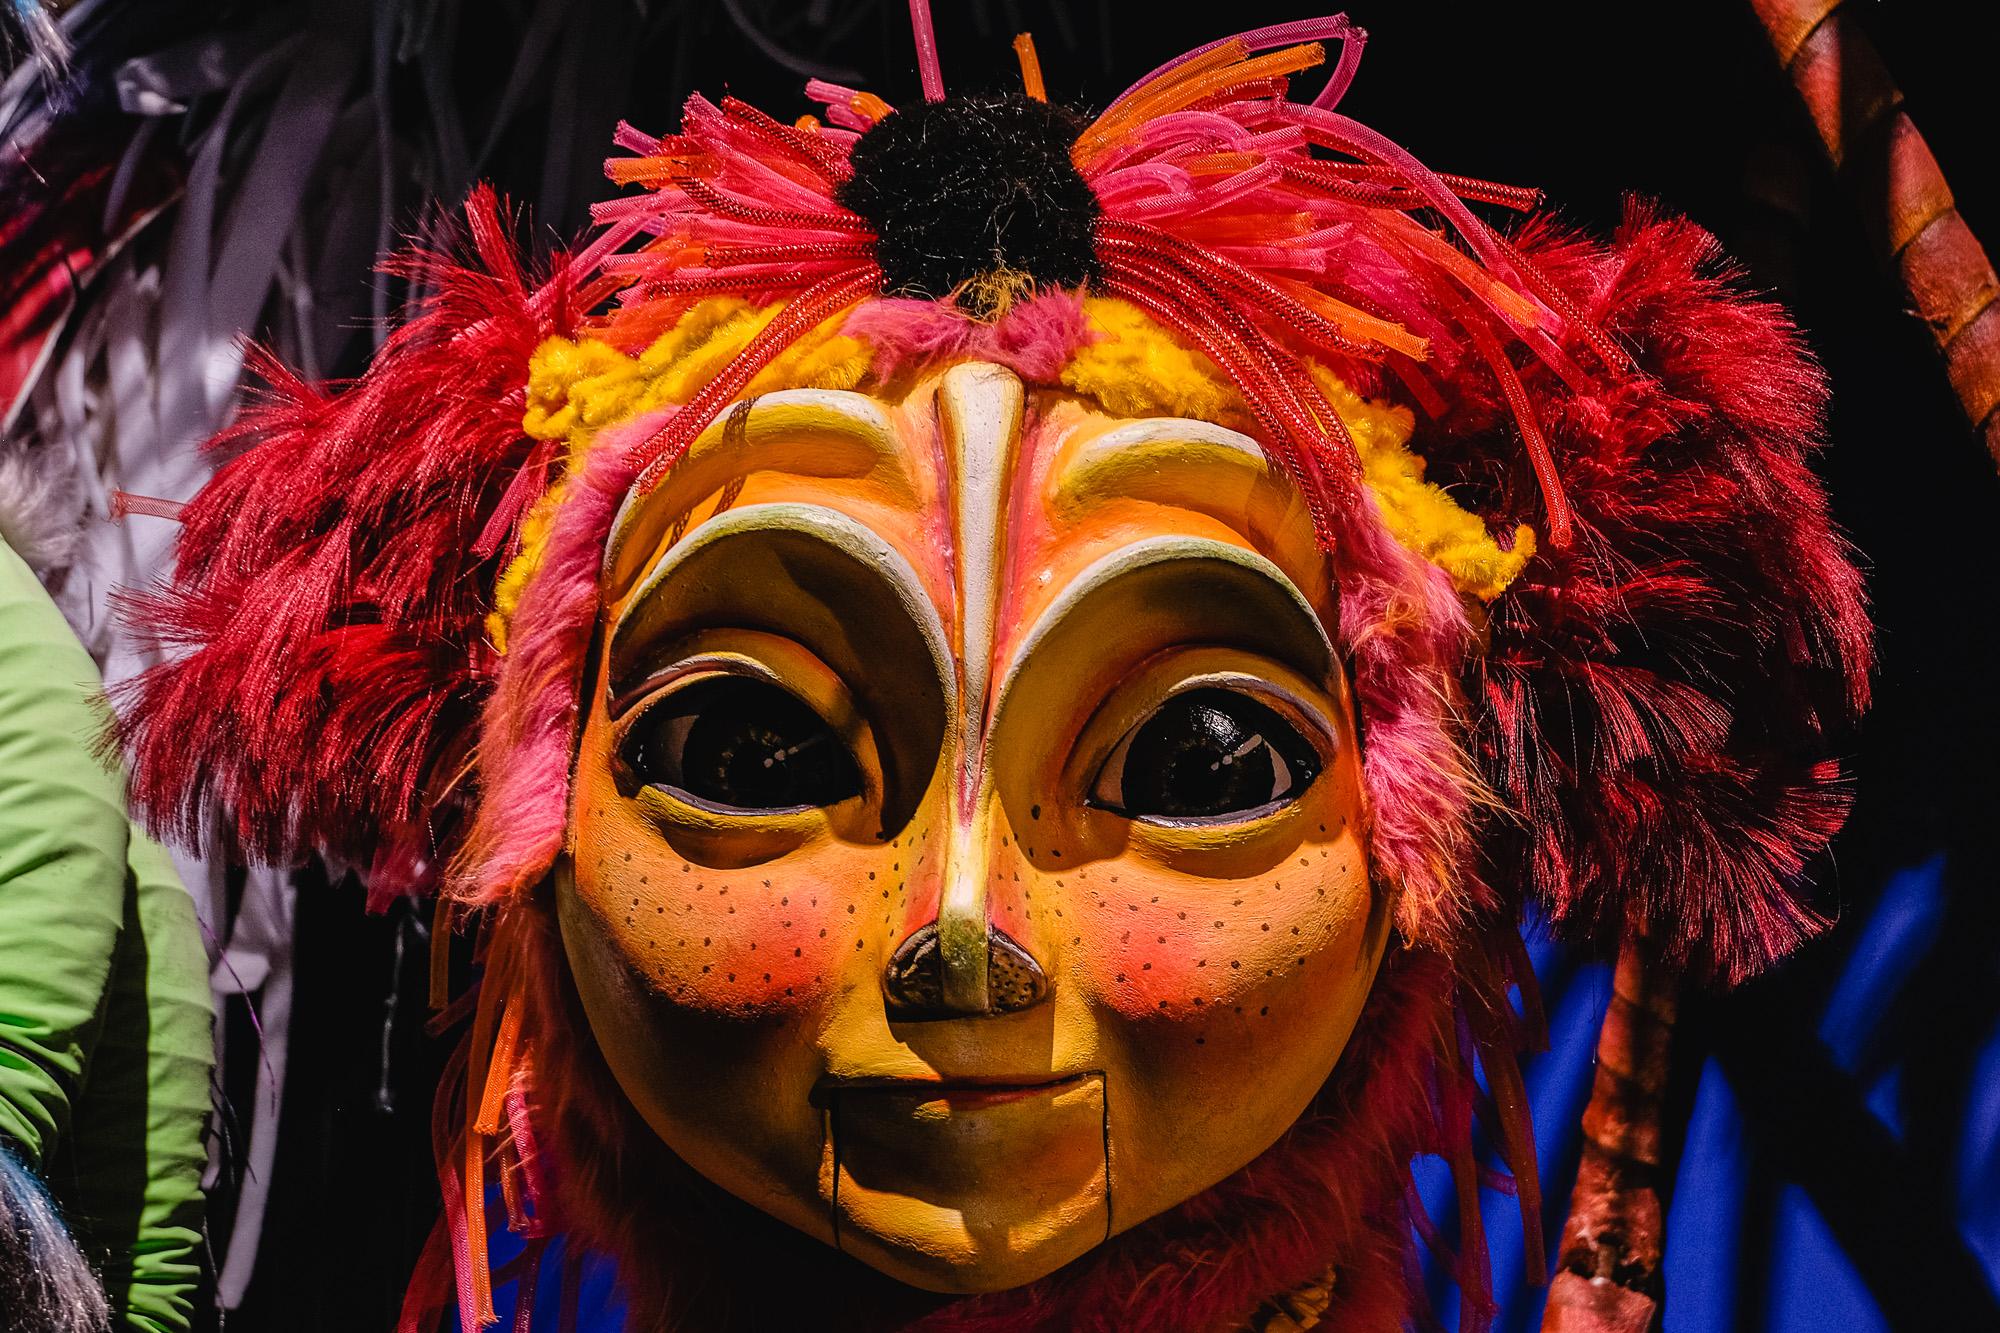 Offrant des spectacles de marionnettes géantes